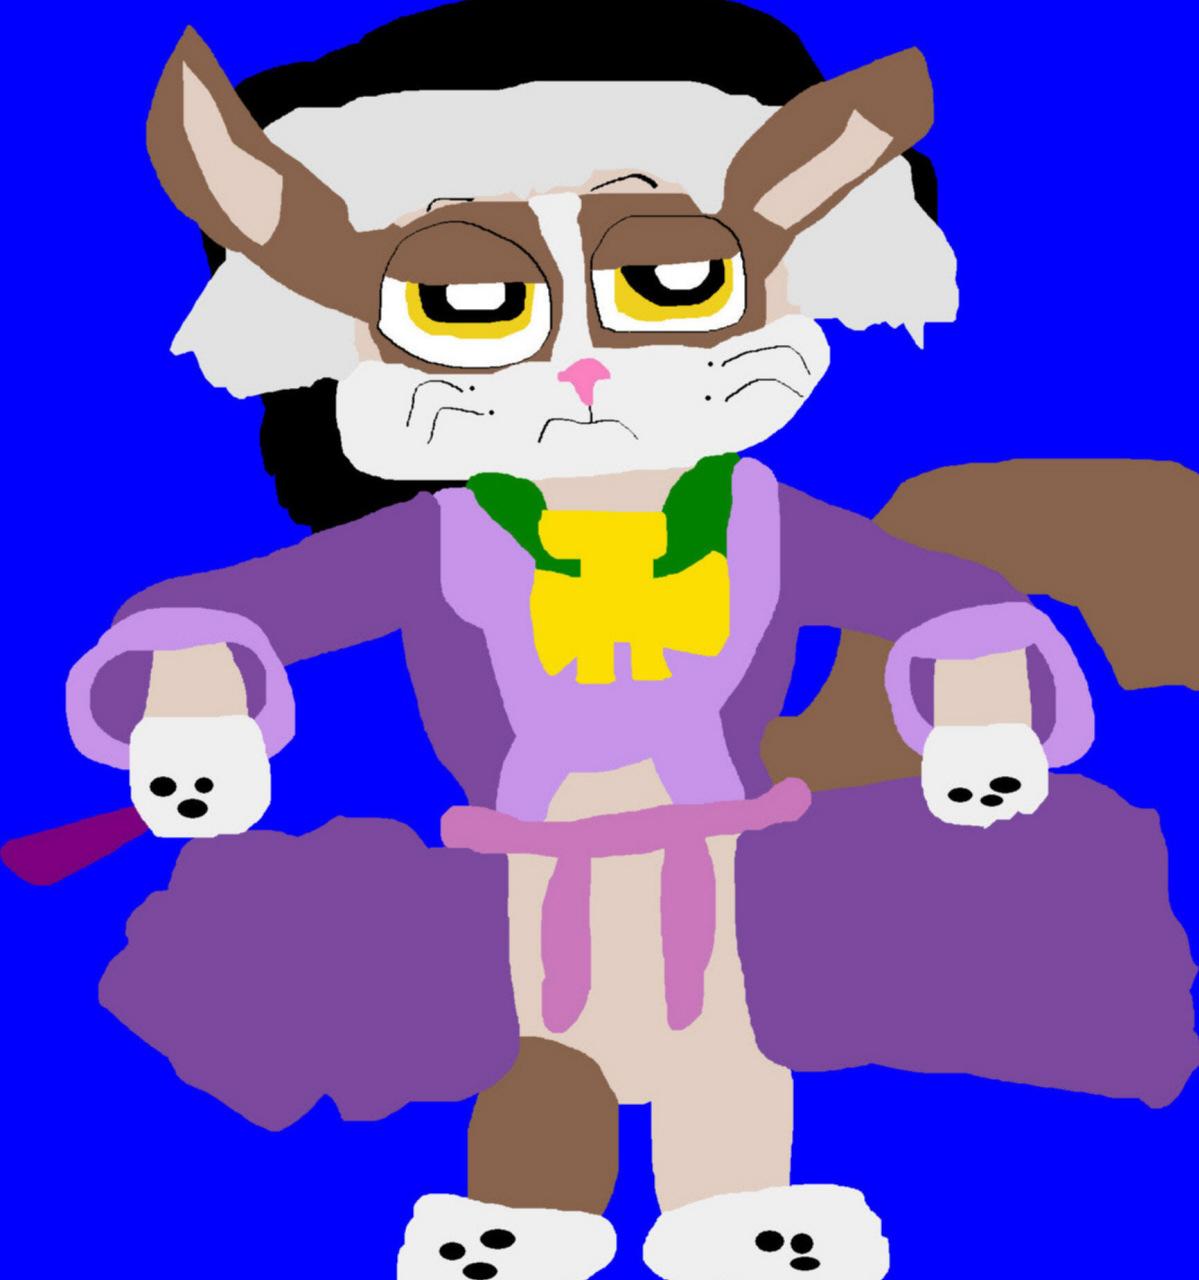 Cedric Grumpy Cat More Toony Disney Look MS Paint^^ by Falconlobo